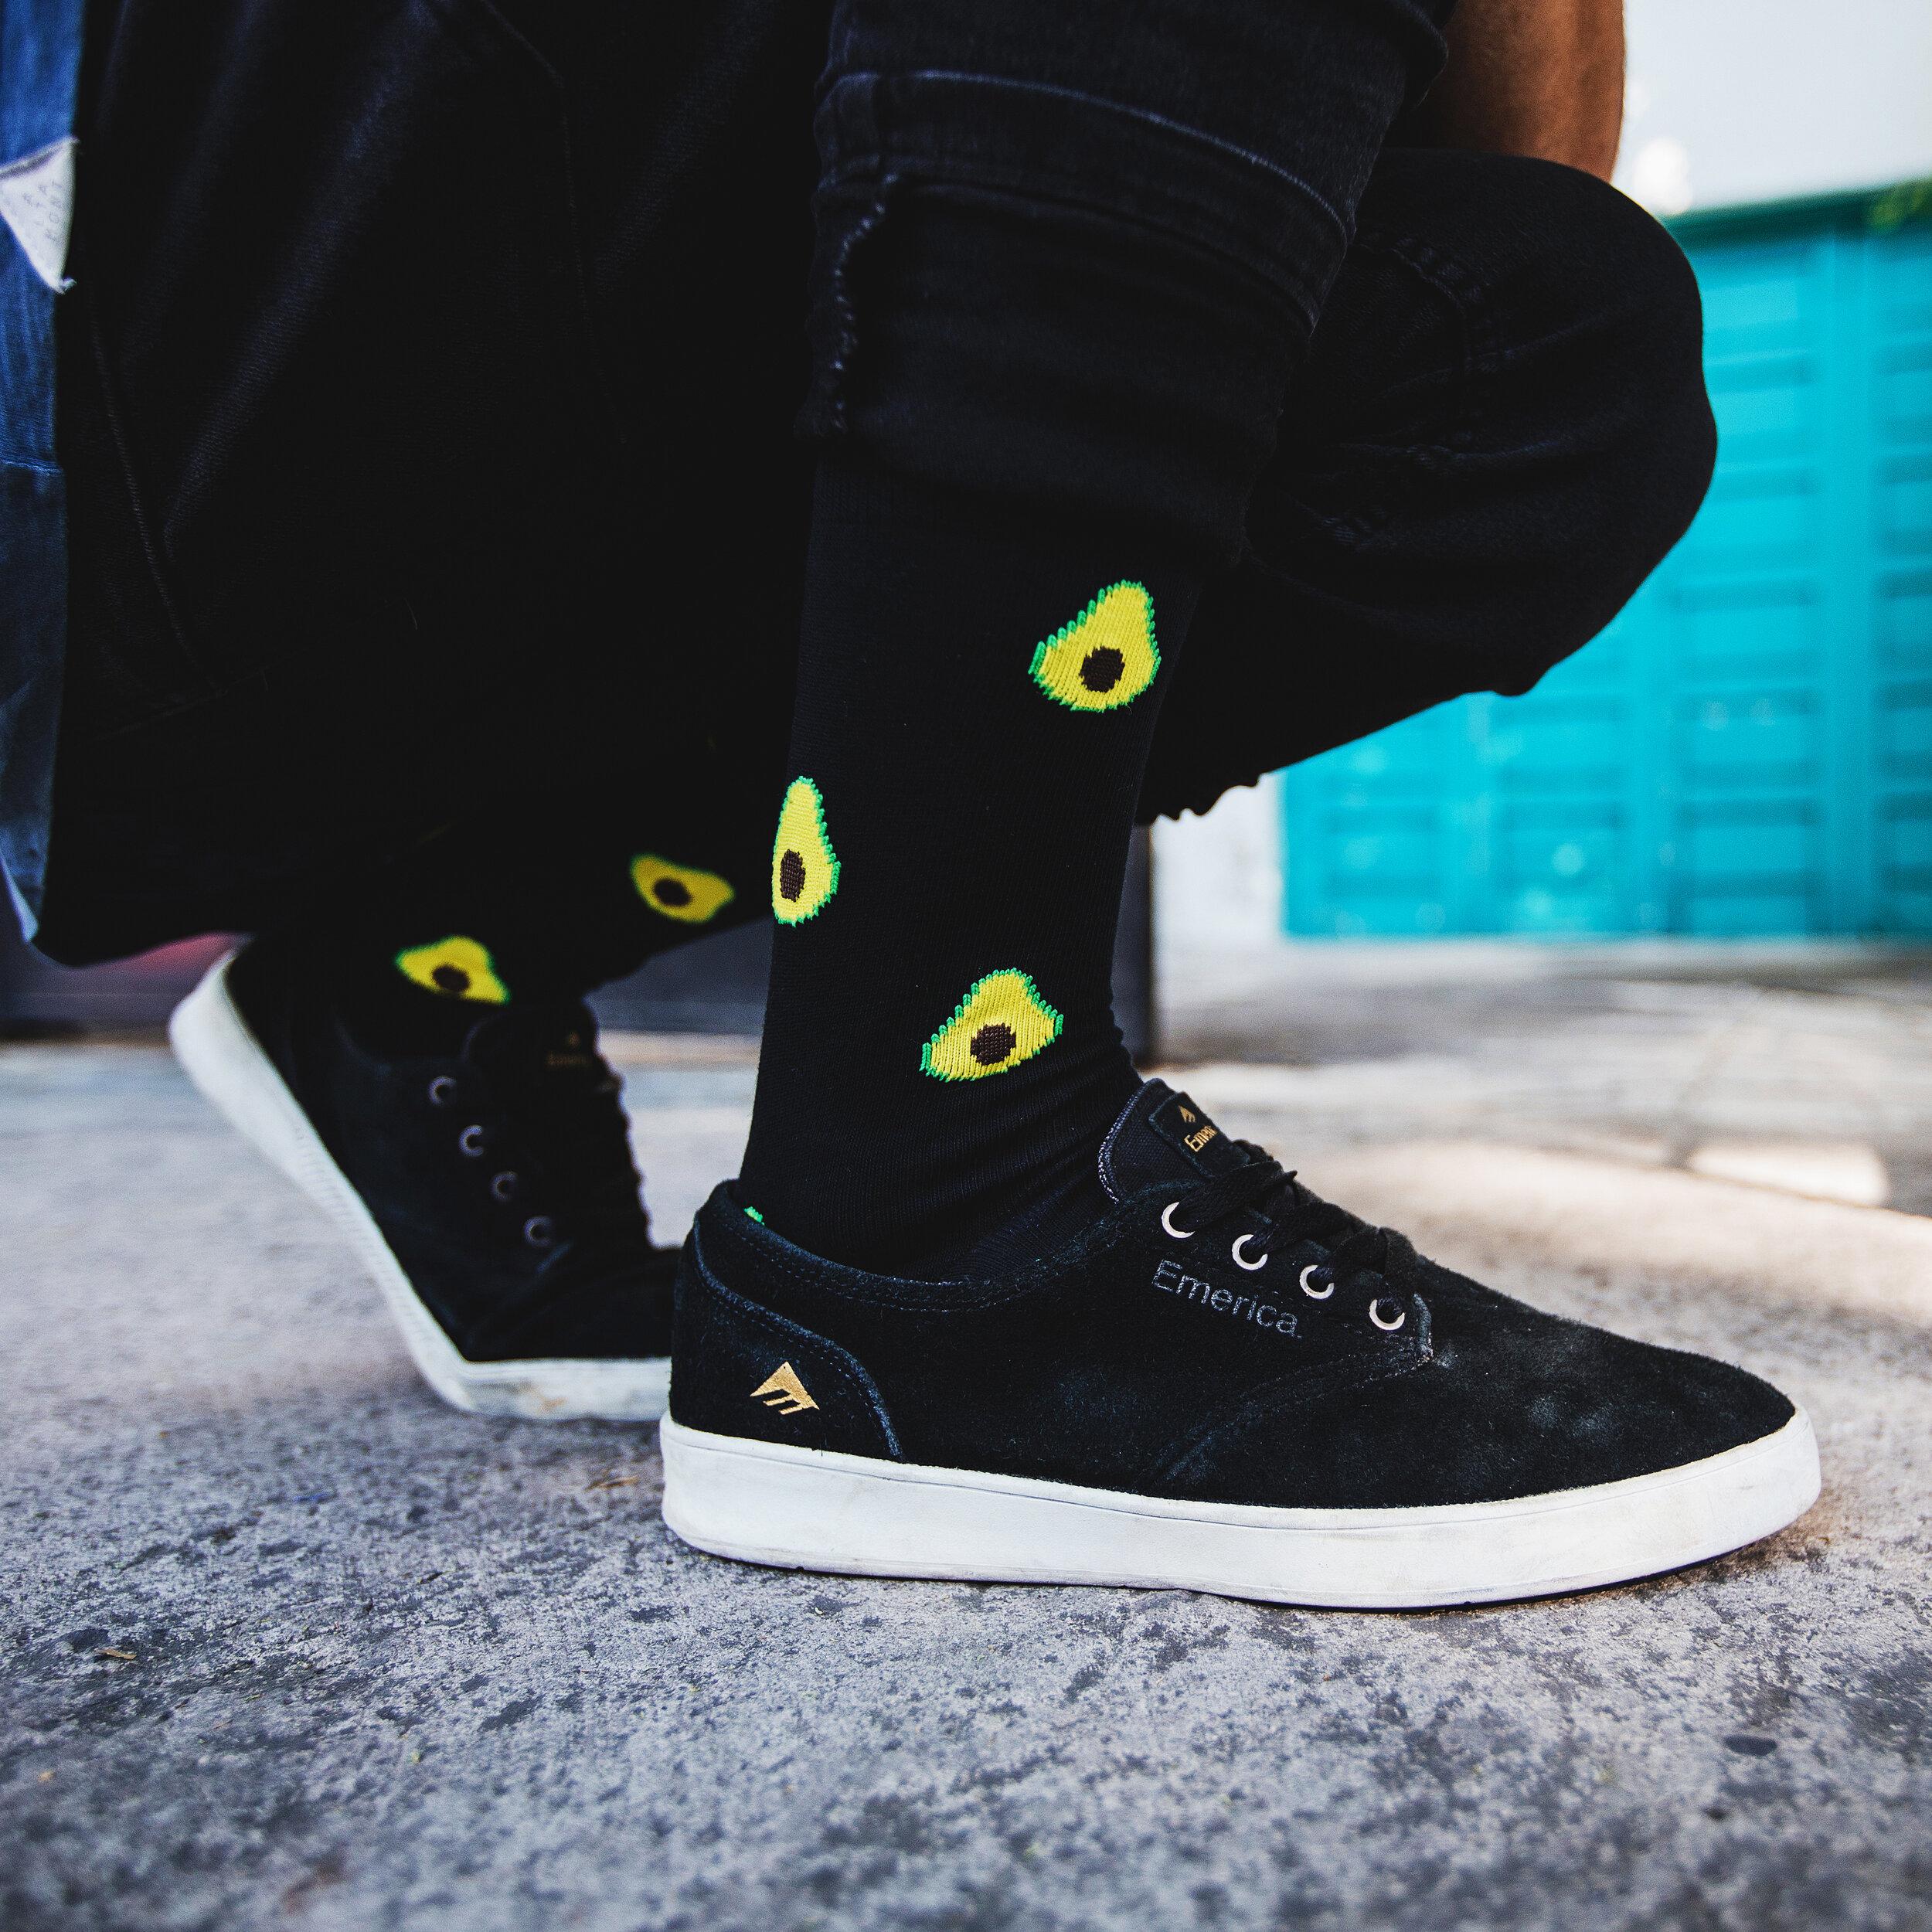 Skunk Socks